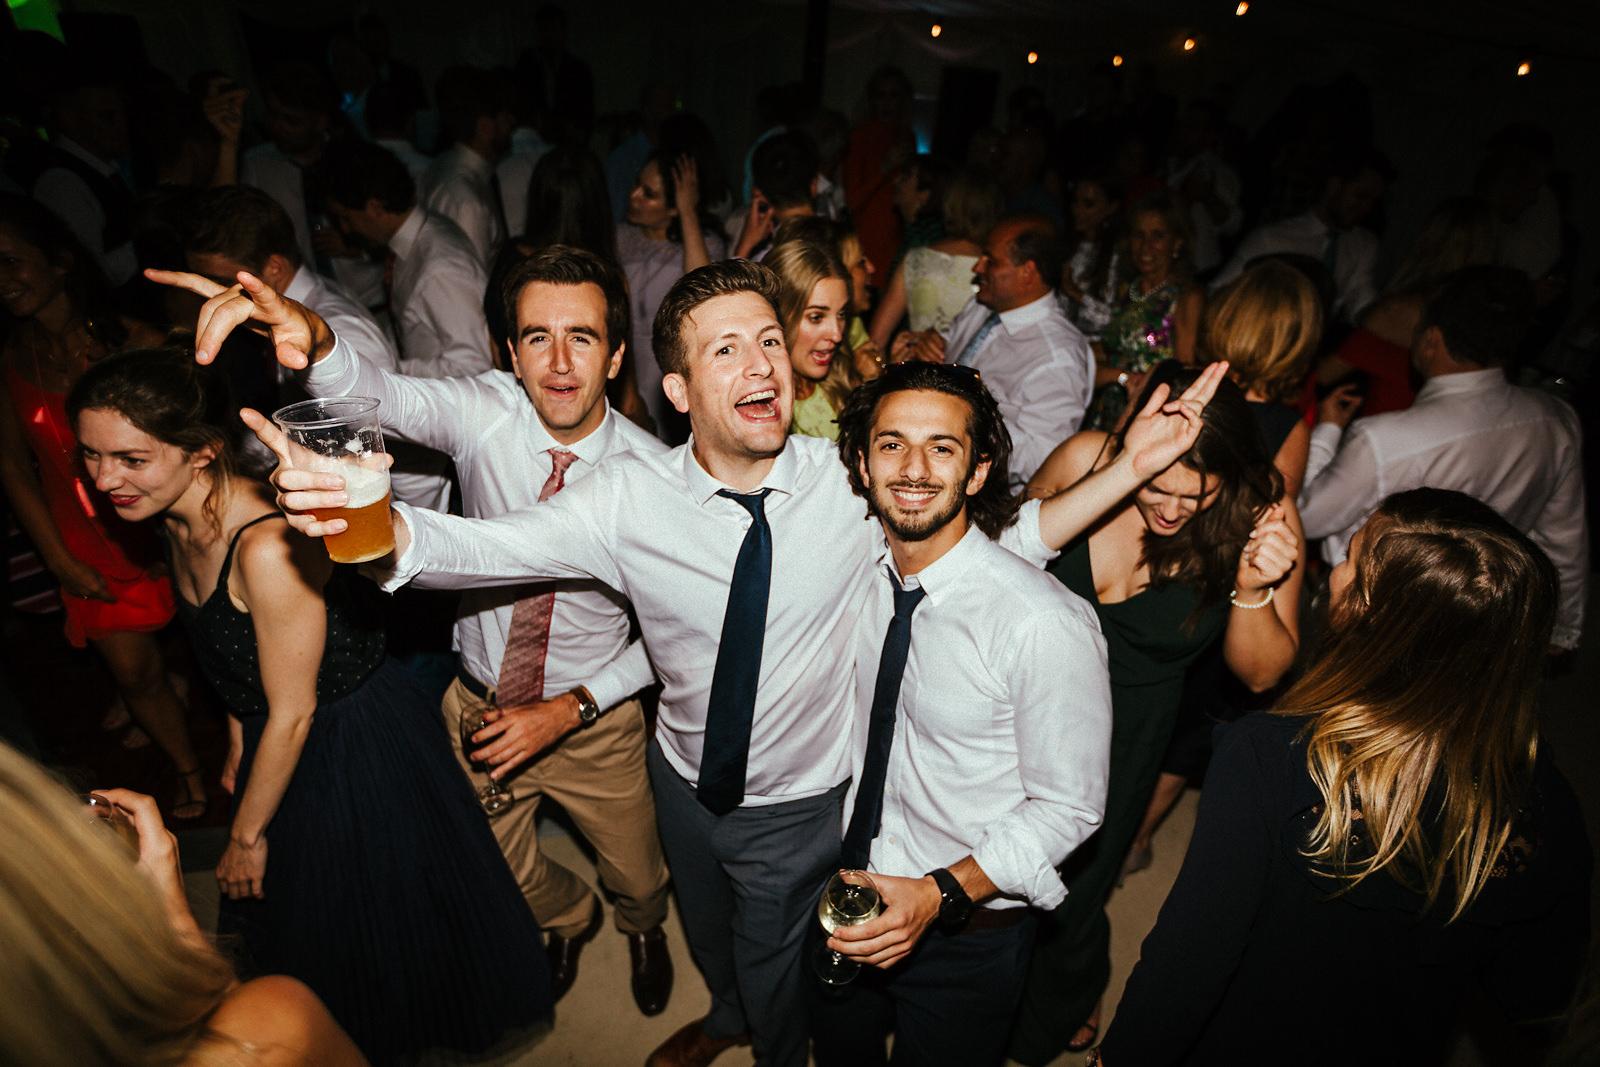 Essex wedding party